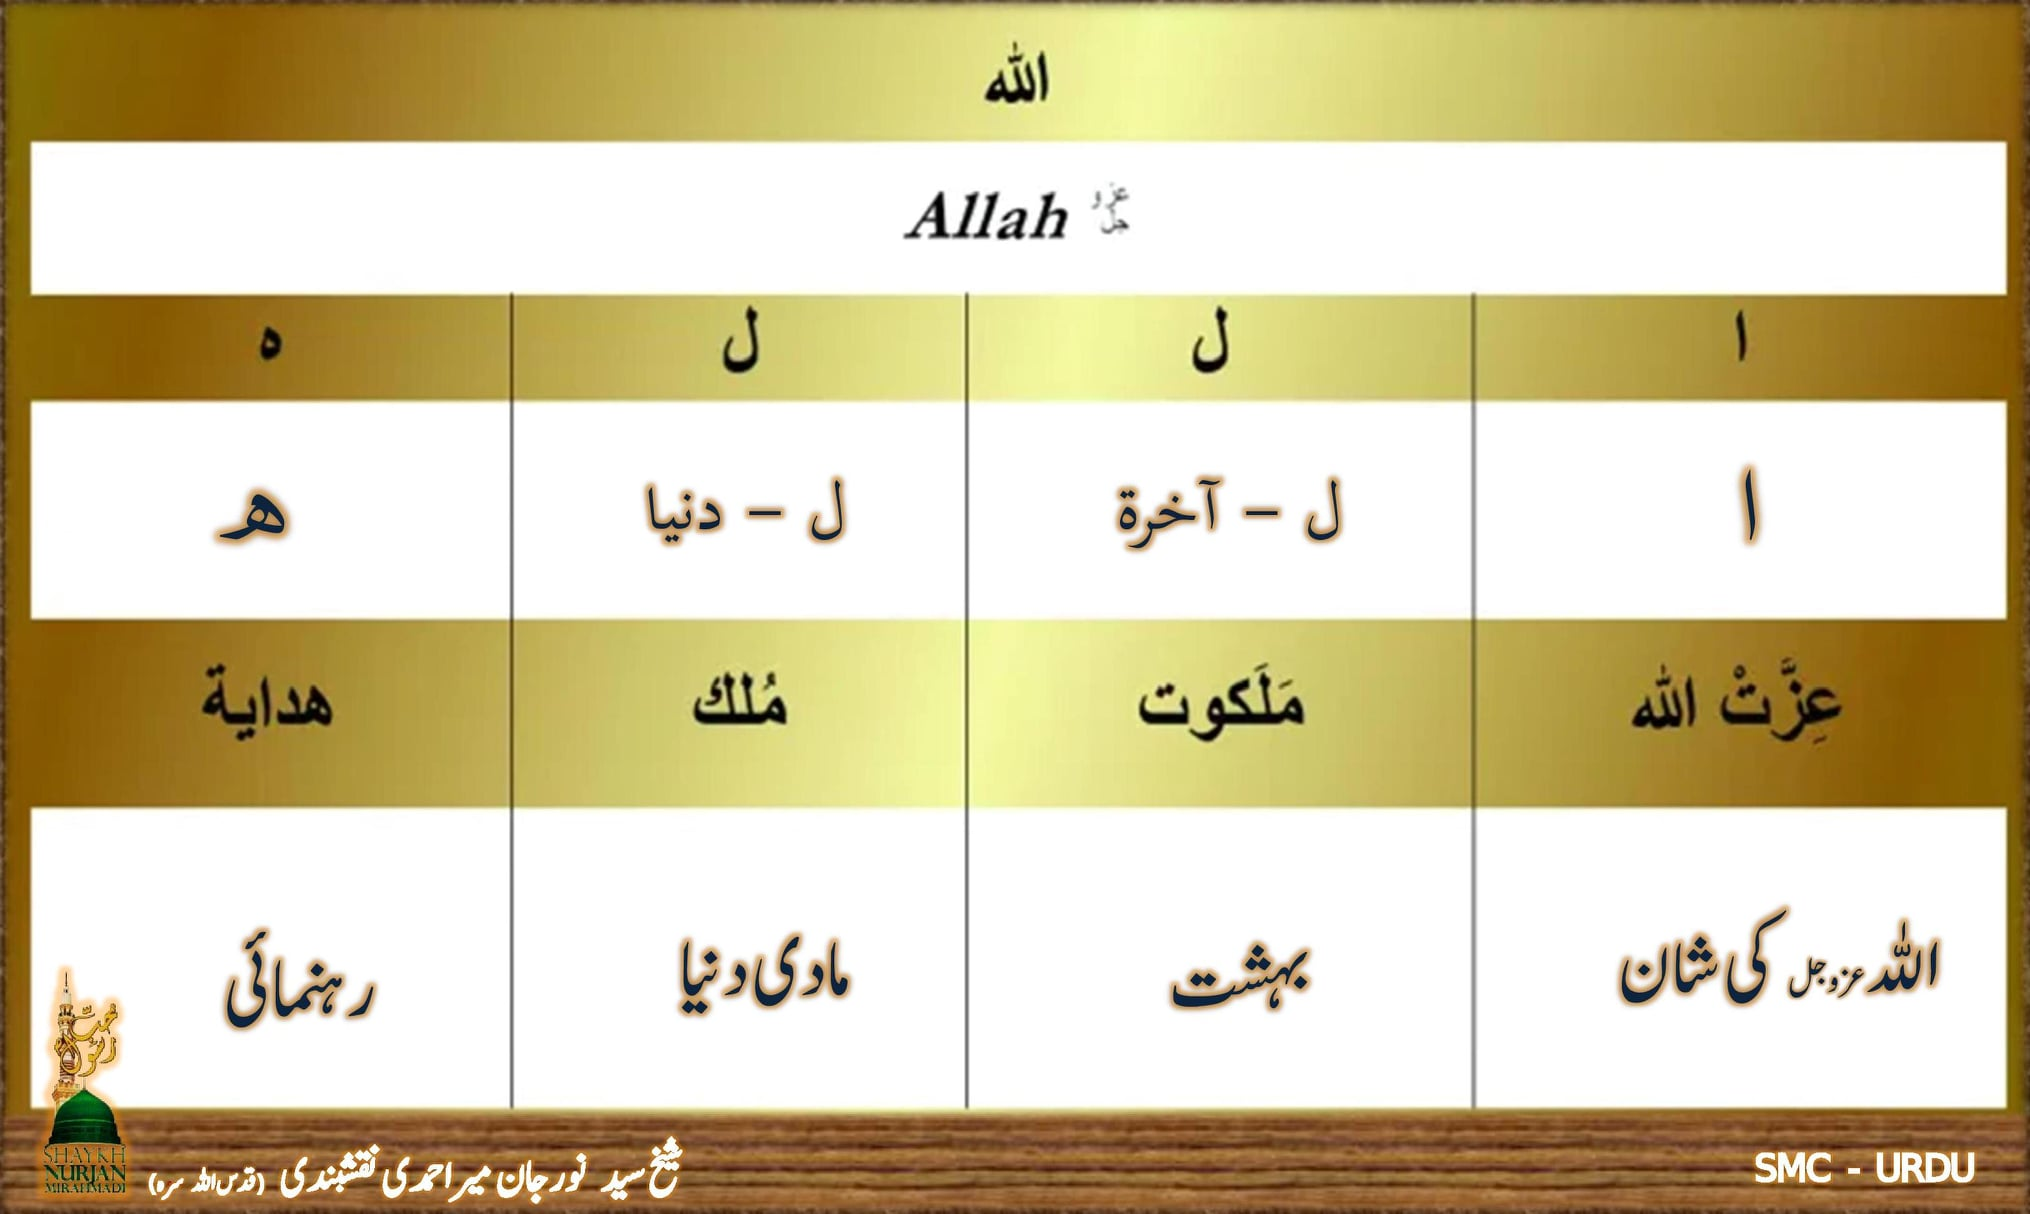 اللہ عزوجل نے نبی پاک ﷺ  کو تمام مخلوقات پر مختار بنایا ہے - تفسیر ۴۵:۱۳ [دوسرا ...